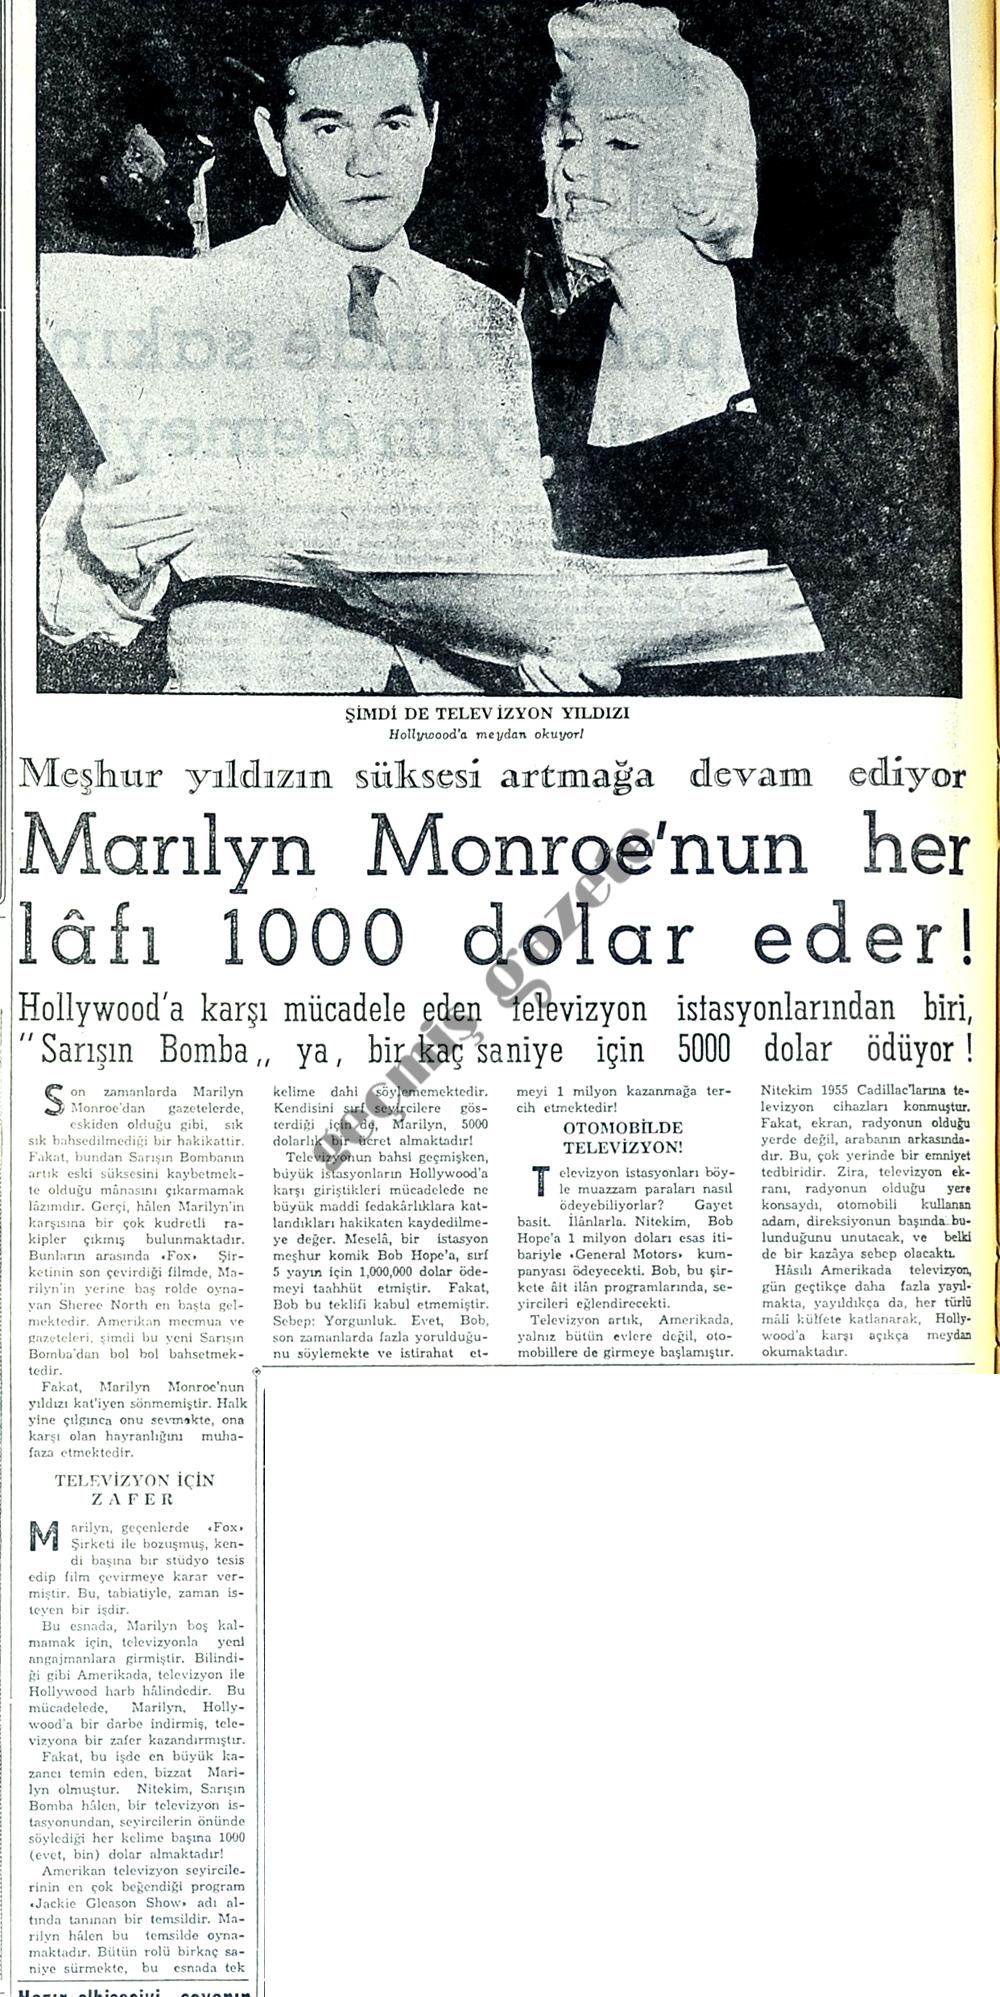 Marilyn Monroe'nun her lafı 1000 dolar eder